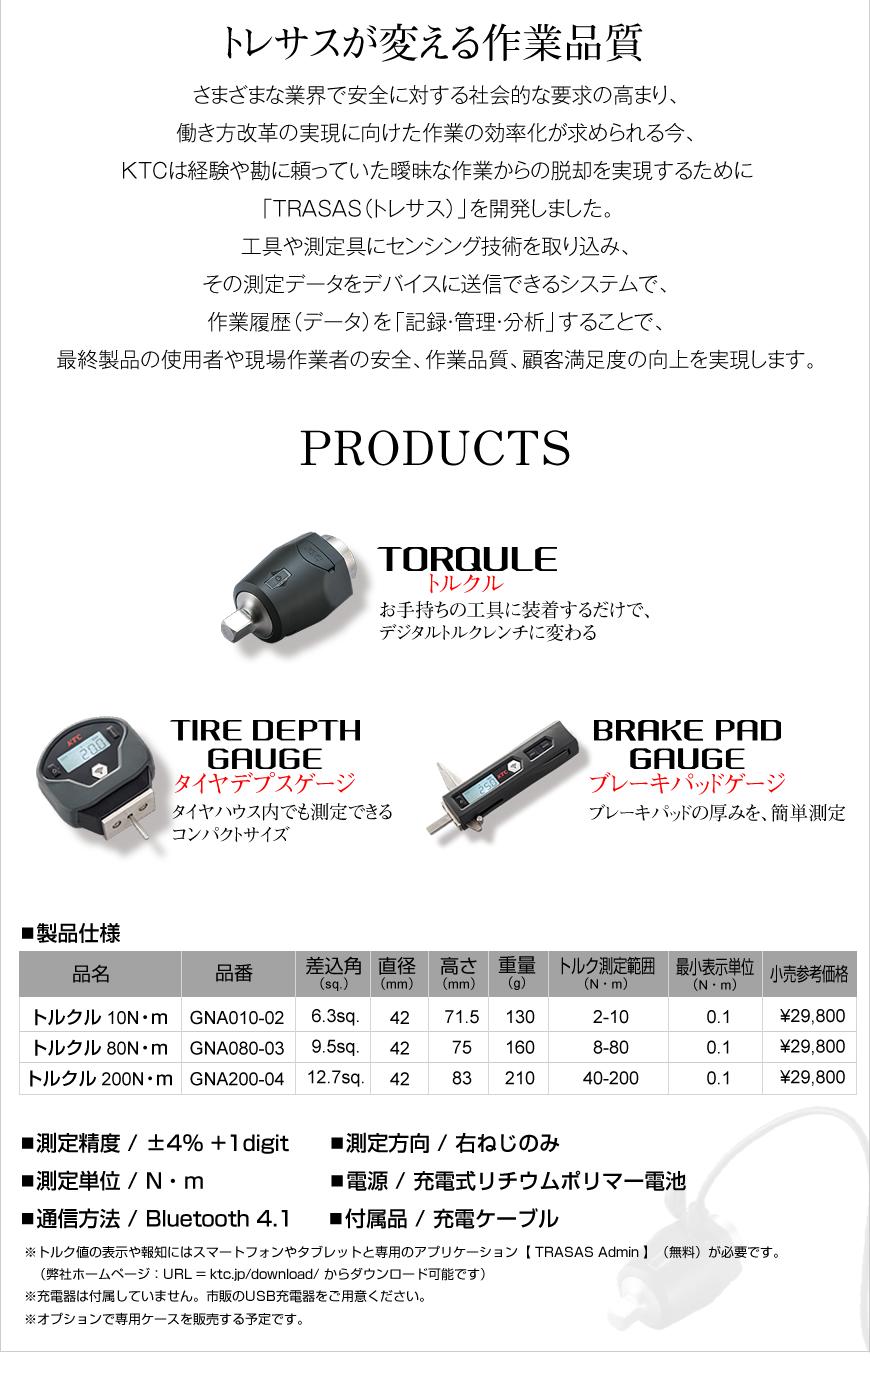 京都機械工具